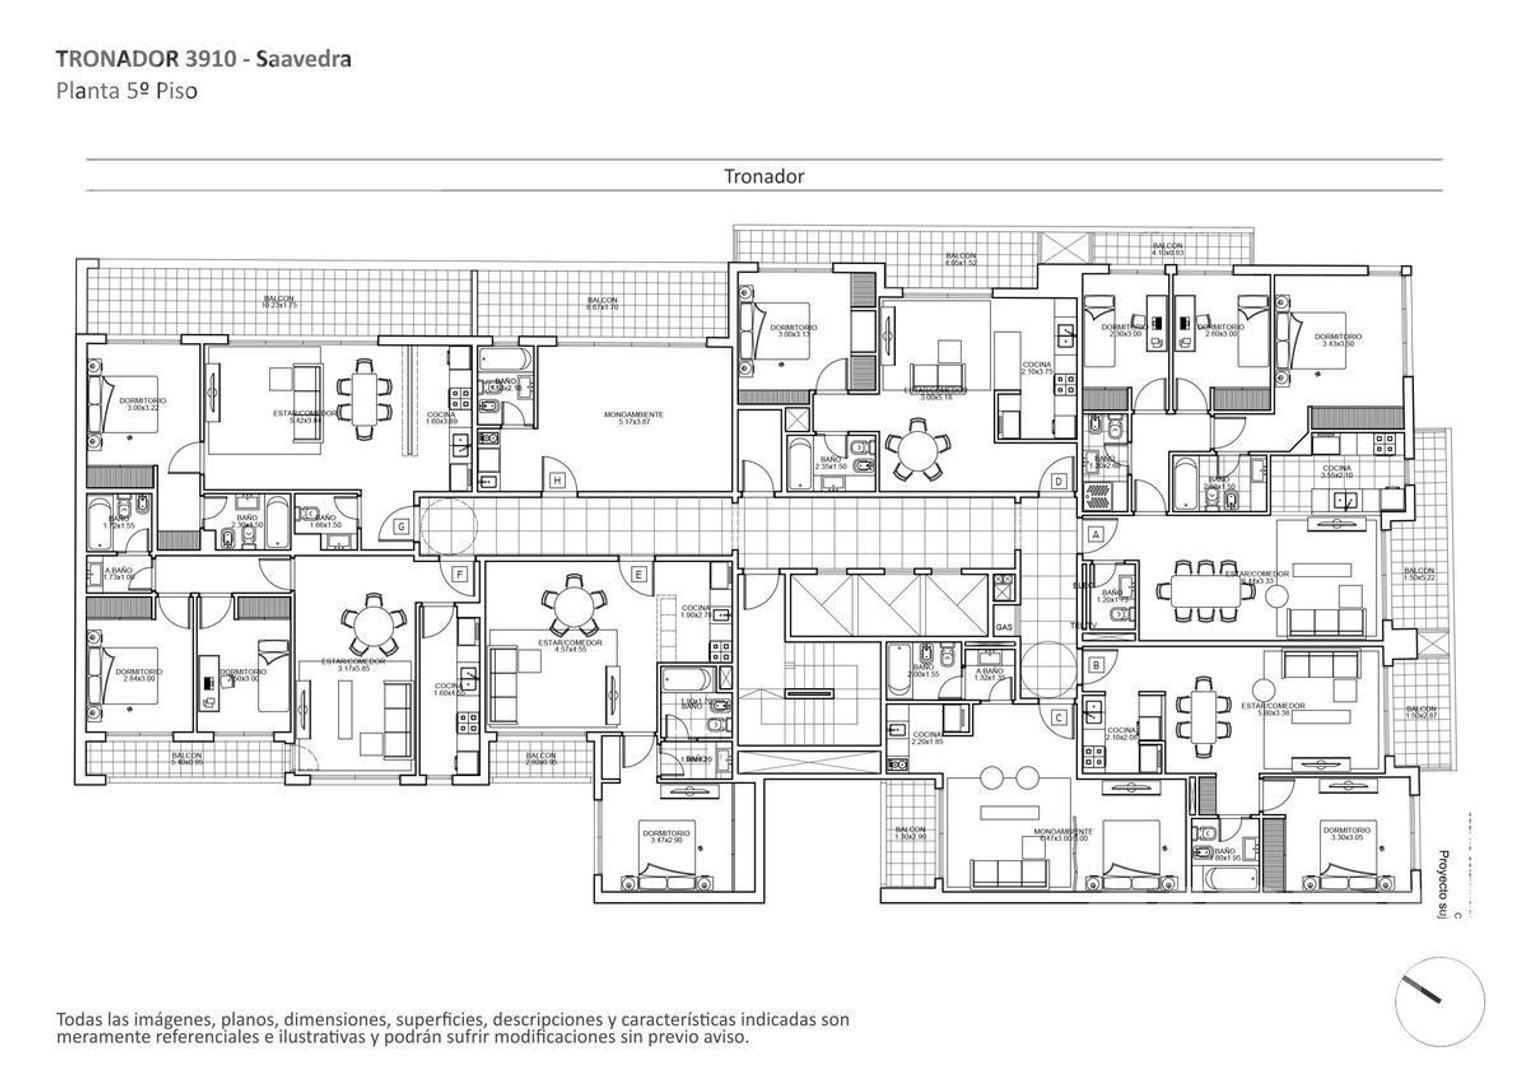 VENTA DEPARTAMENTO DE 2 AMBIENTES EN CONSTRUCCIÓN EN SAAVEDRA - Foto 14